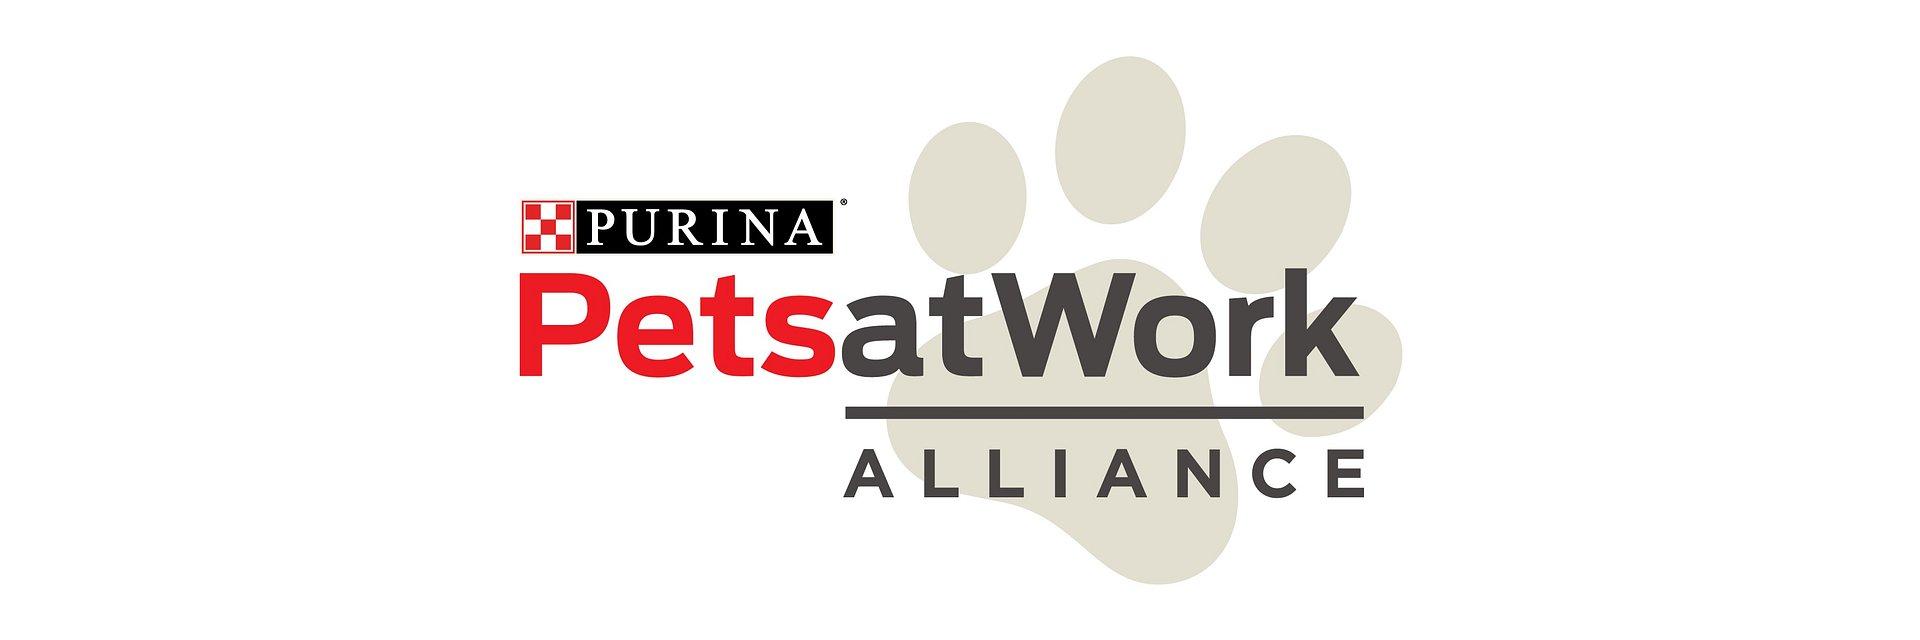 Nestlé PURINA lança a Pets at Work Alliance desafiando empresas a tornarem-se dog-friendly